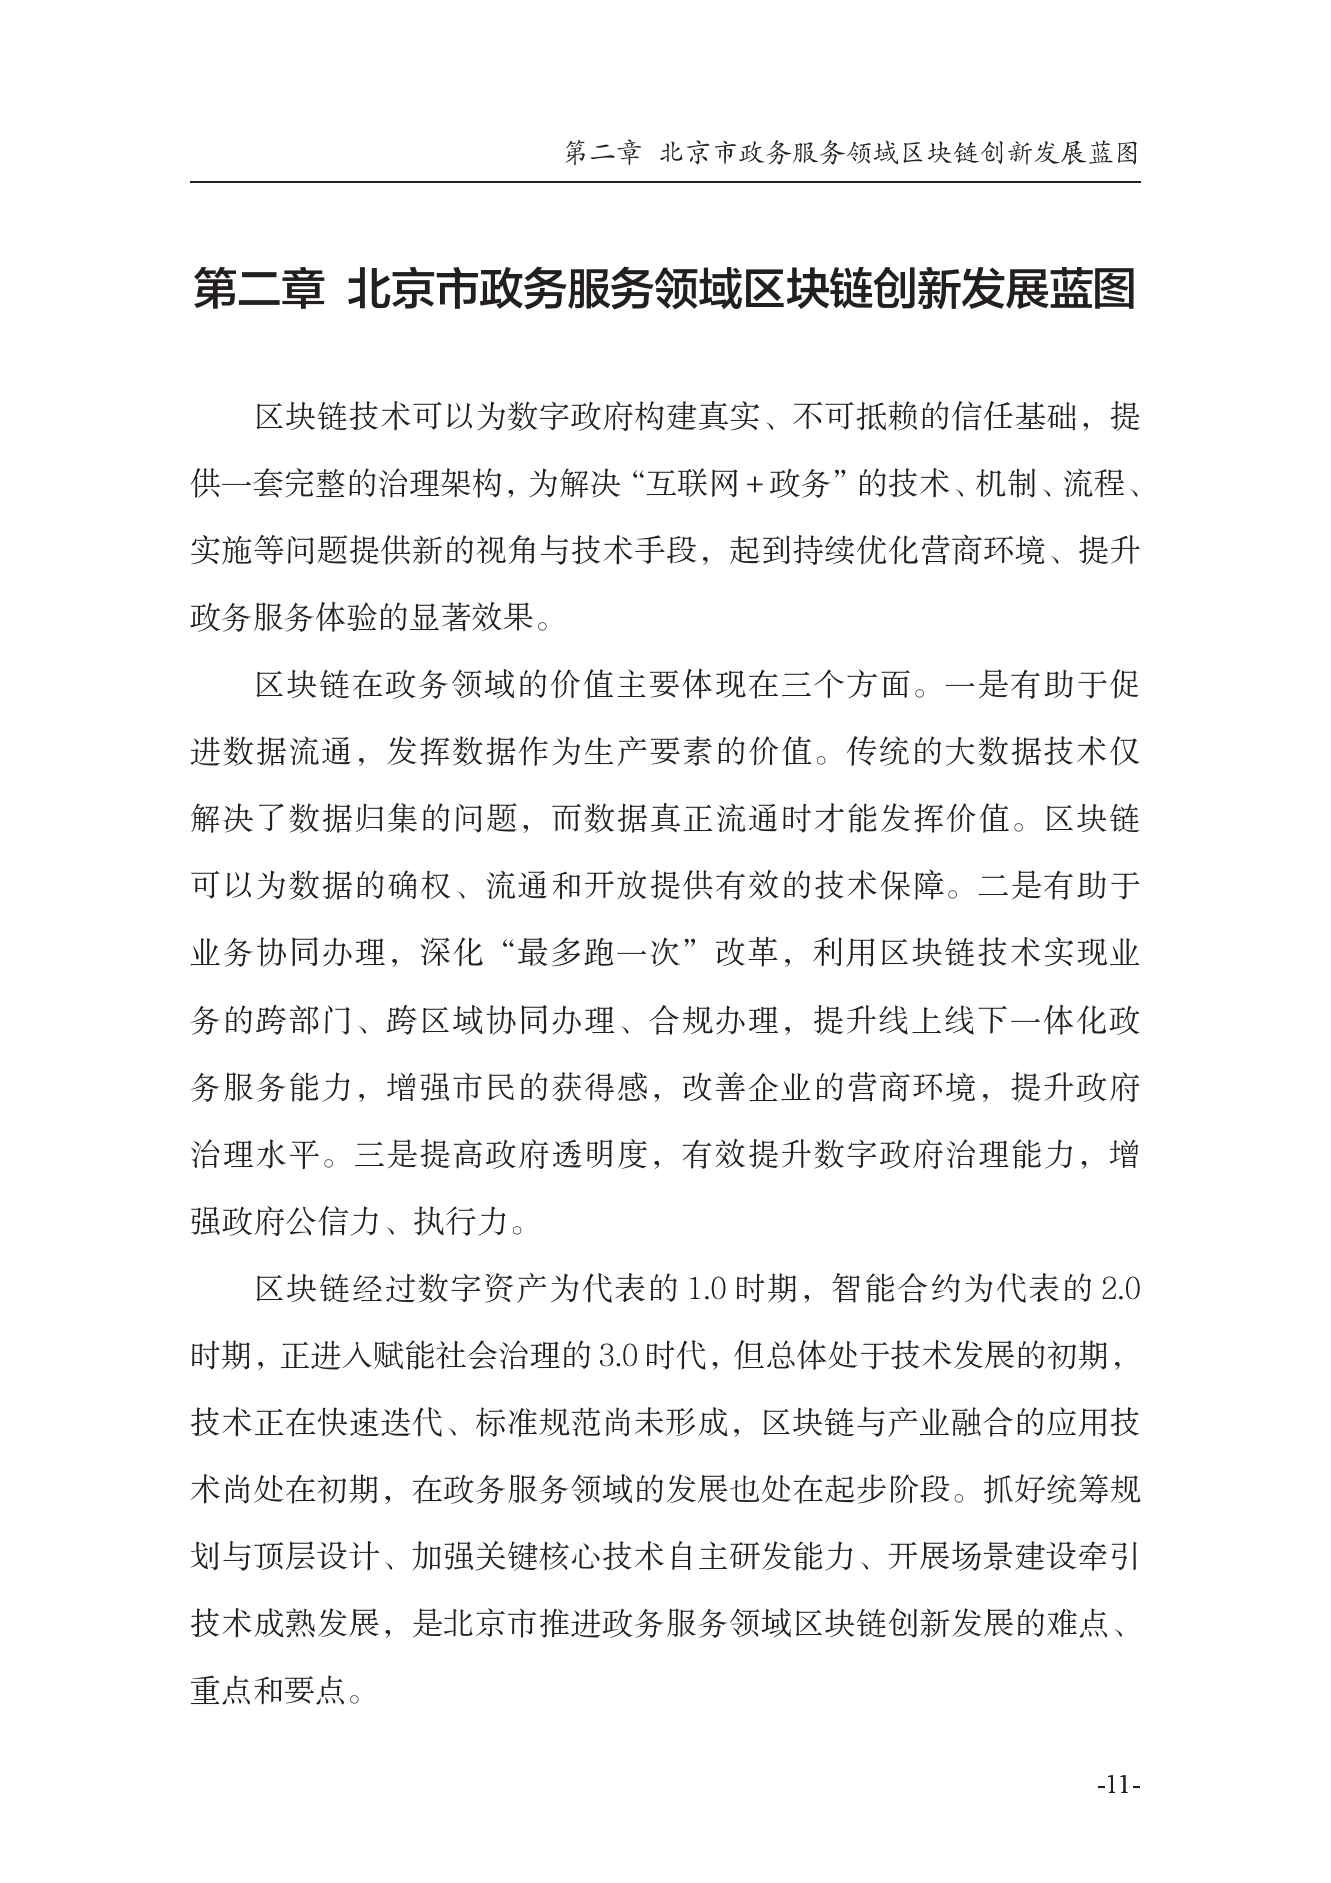 北京市政务服务领域区块链应用创新蓝皮书(可下载报告)插图(27)